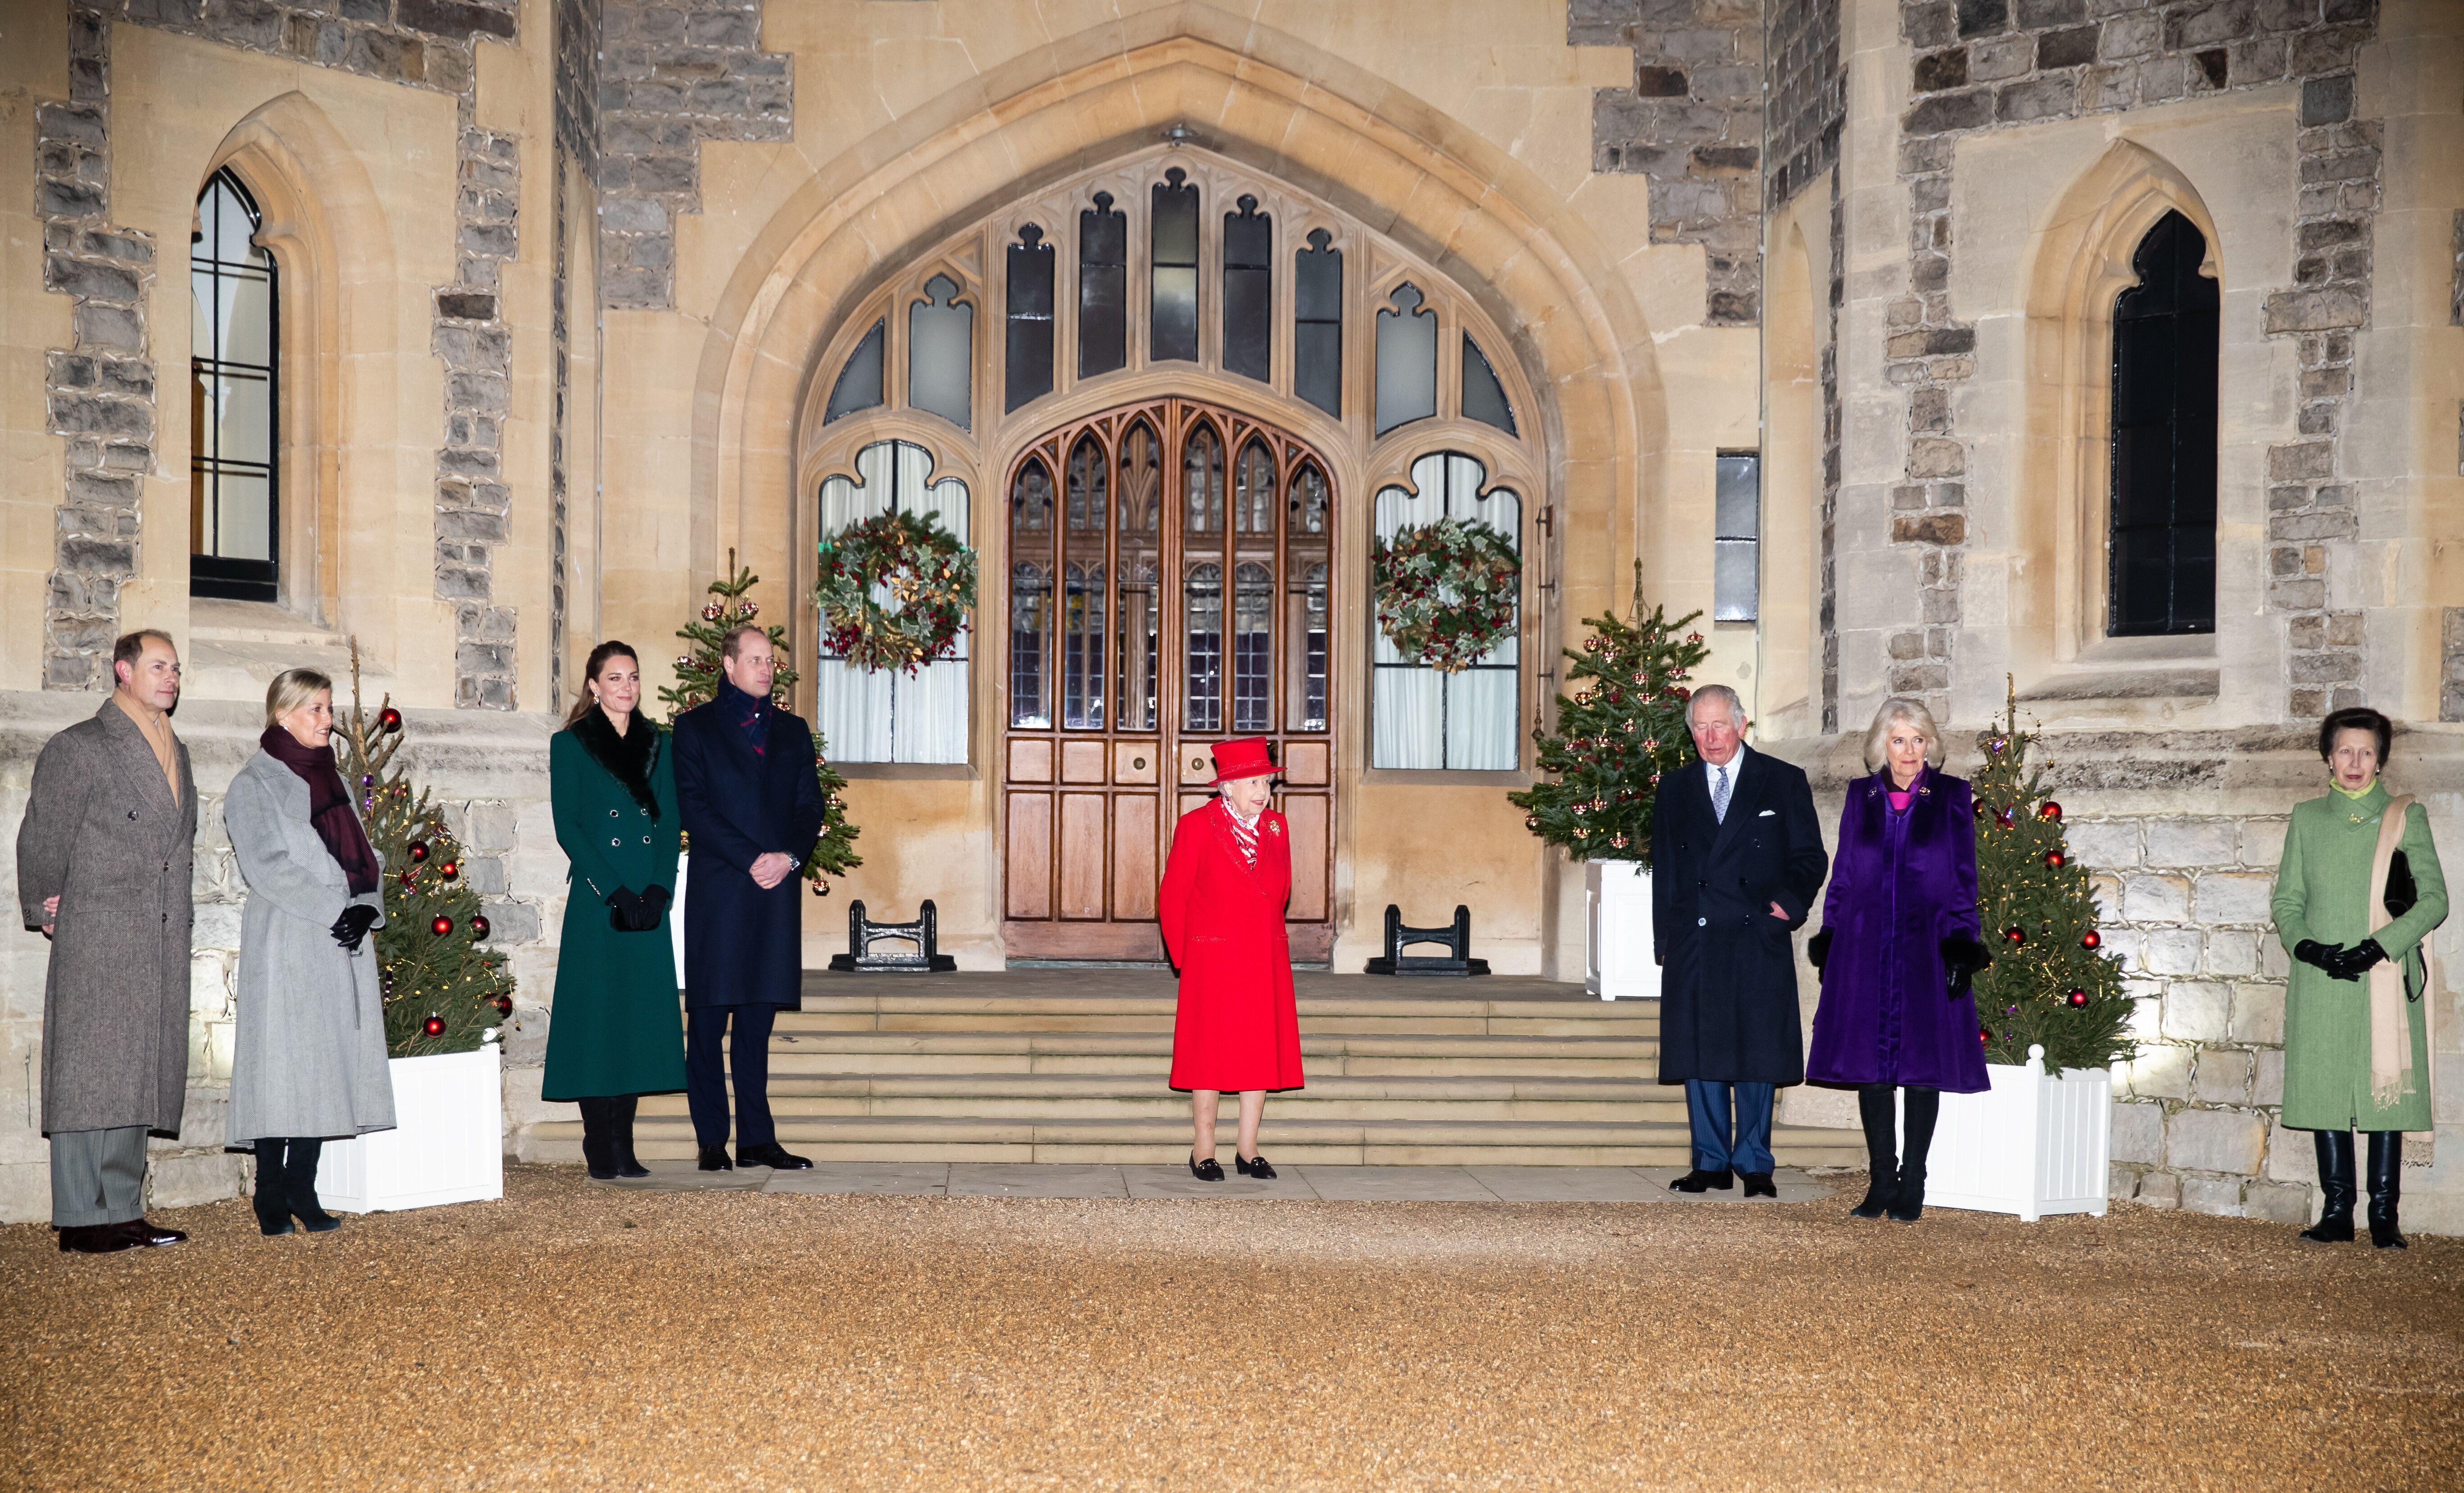 The royals reunited at Windsor Castle in December.